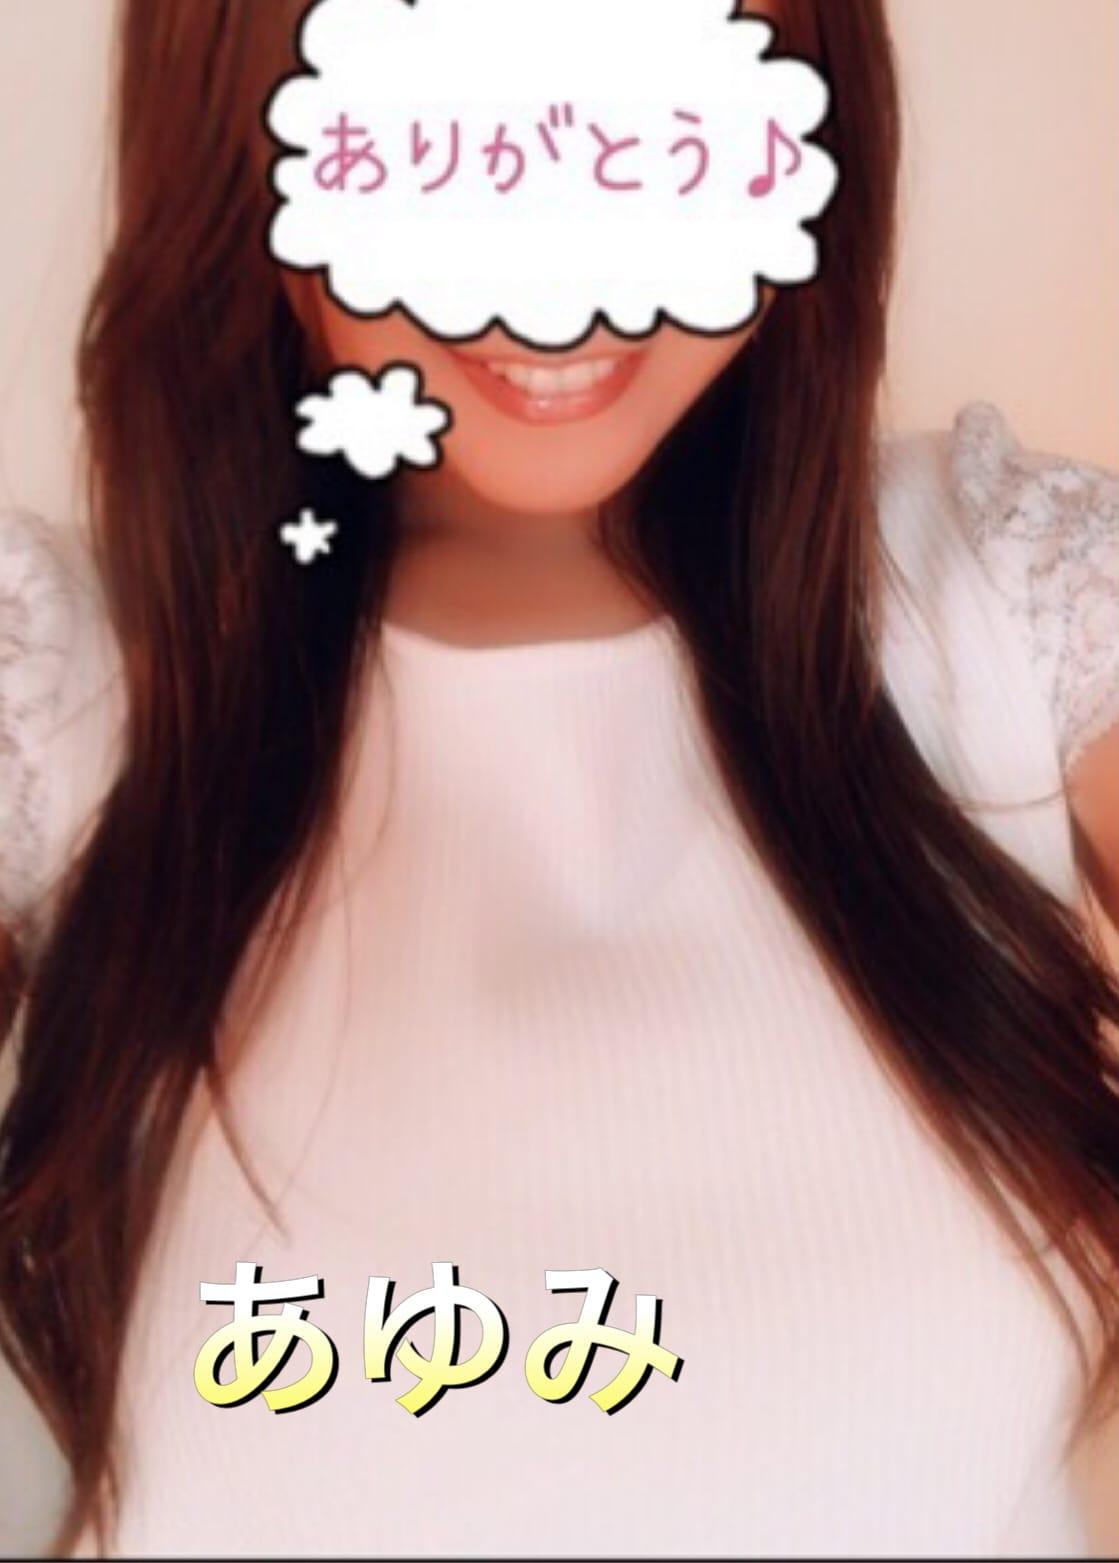 「こんばんは♪」06/12(水) 19:47   あゆみの写メ・風俗動画